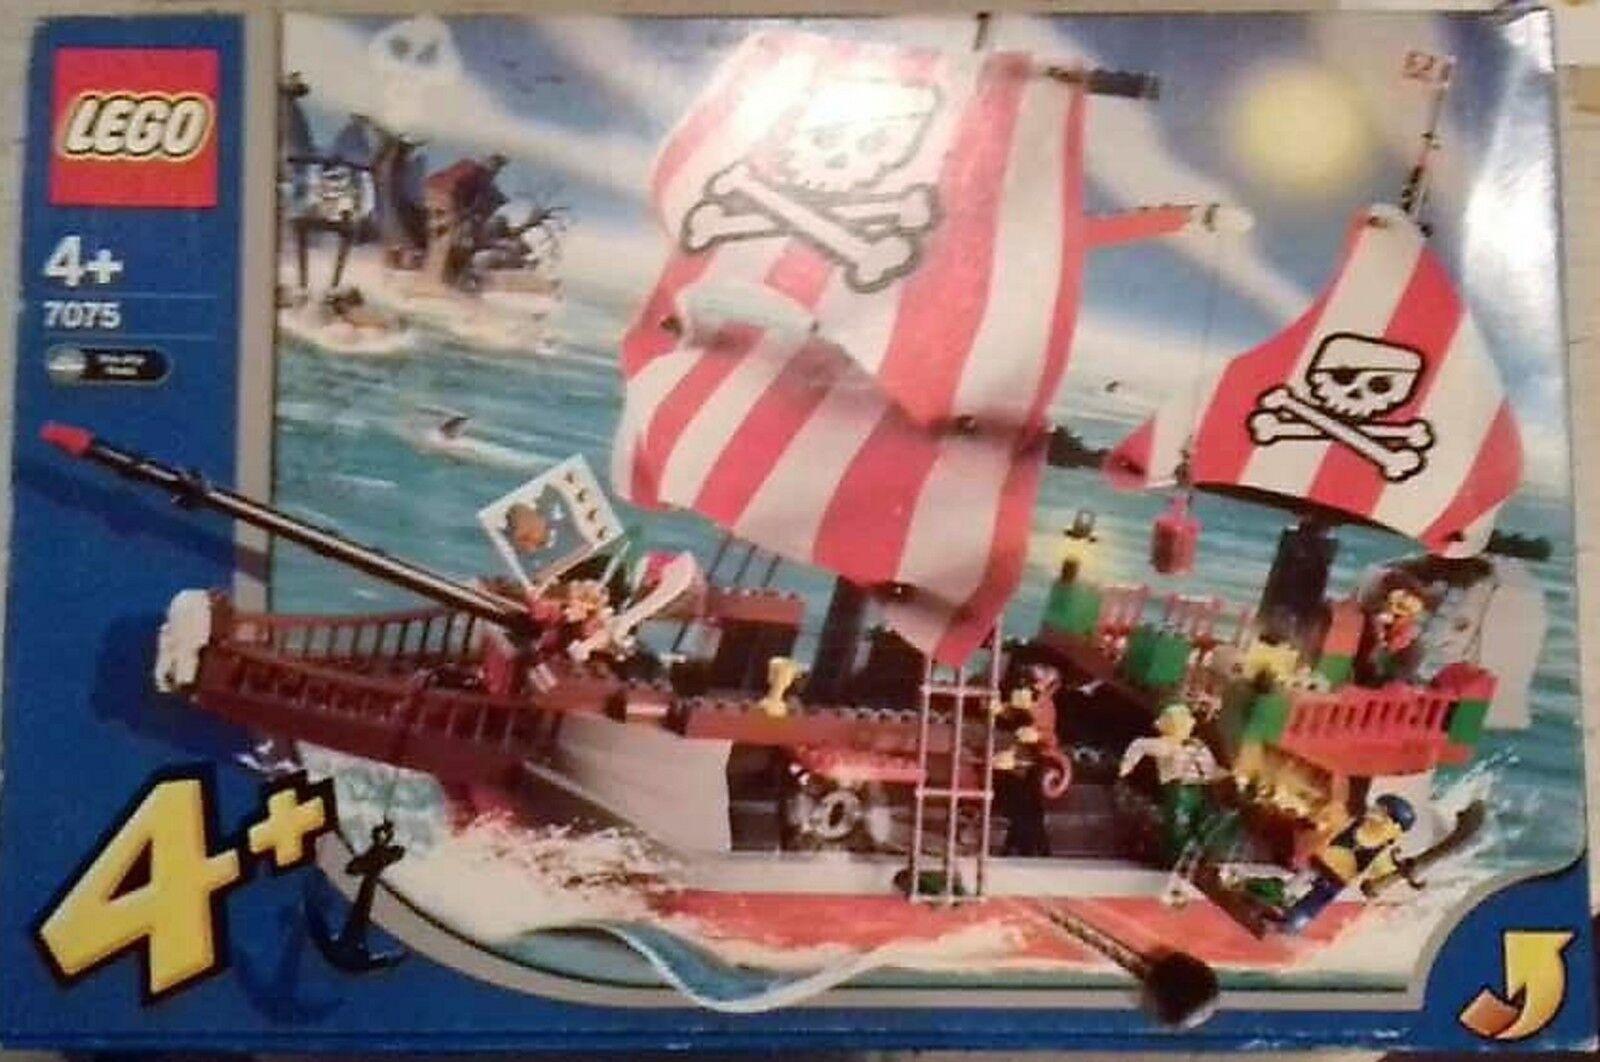 LEGO 7075-capitano rossobeard's Pirate Ship NUOVO